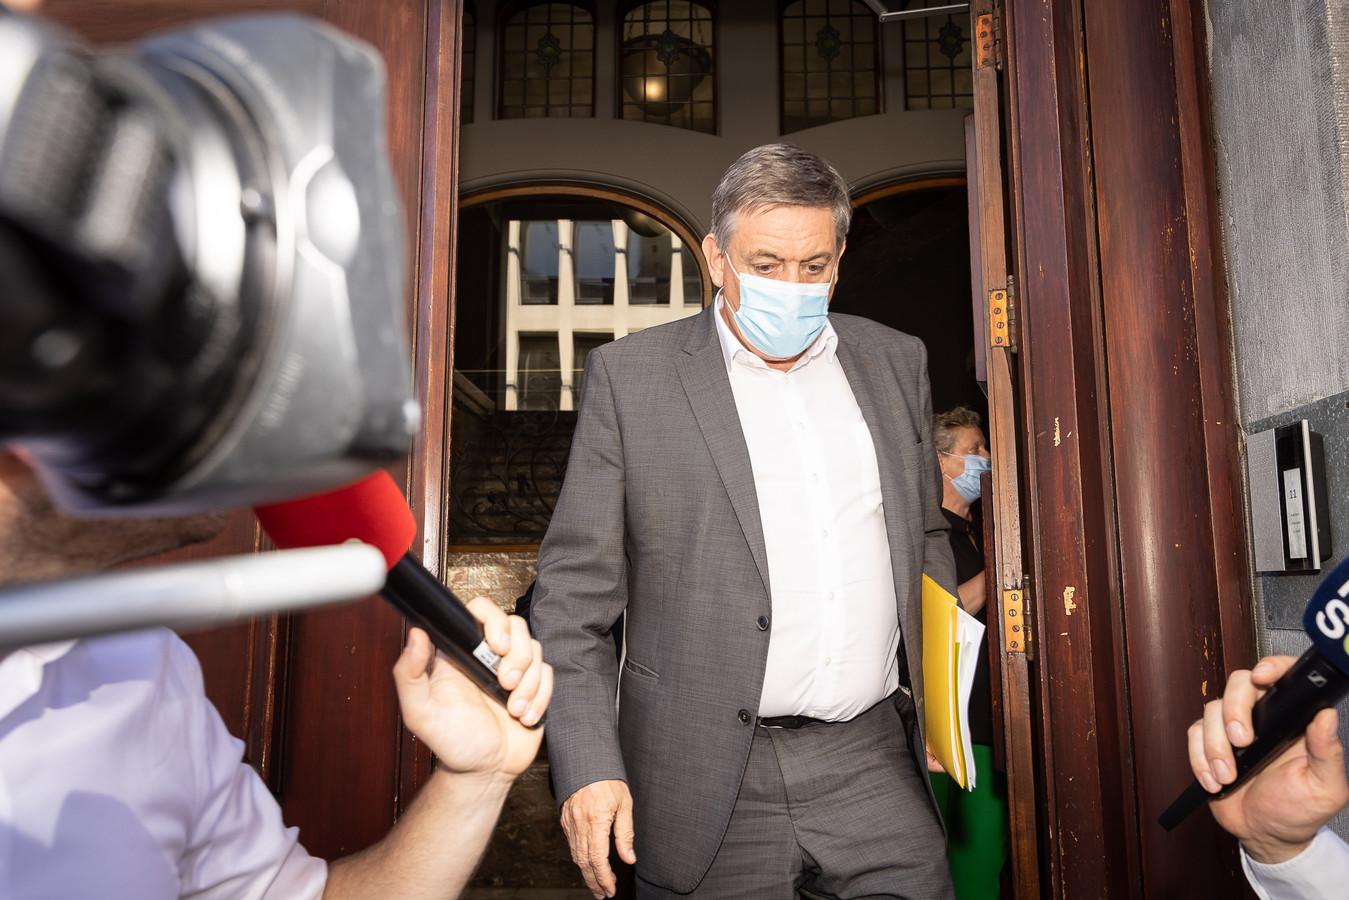 """Le gouvernement flamand va mettre en place des mesures """"temporaires et préventives"""" à la suite de la pollution au PFOS à Zwijndrecht (Anvers)"""